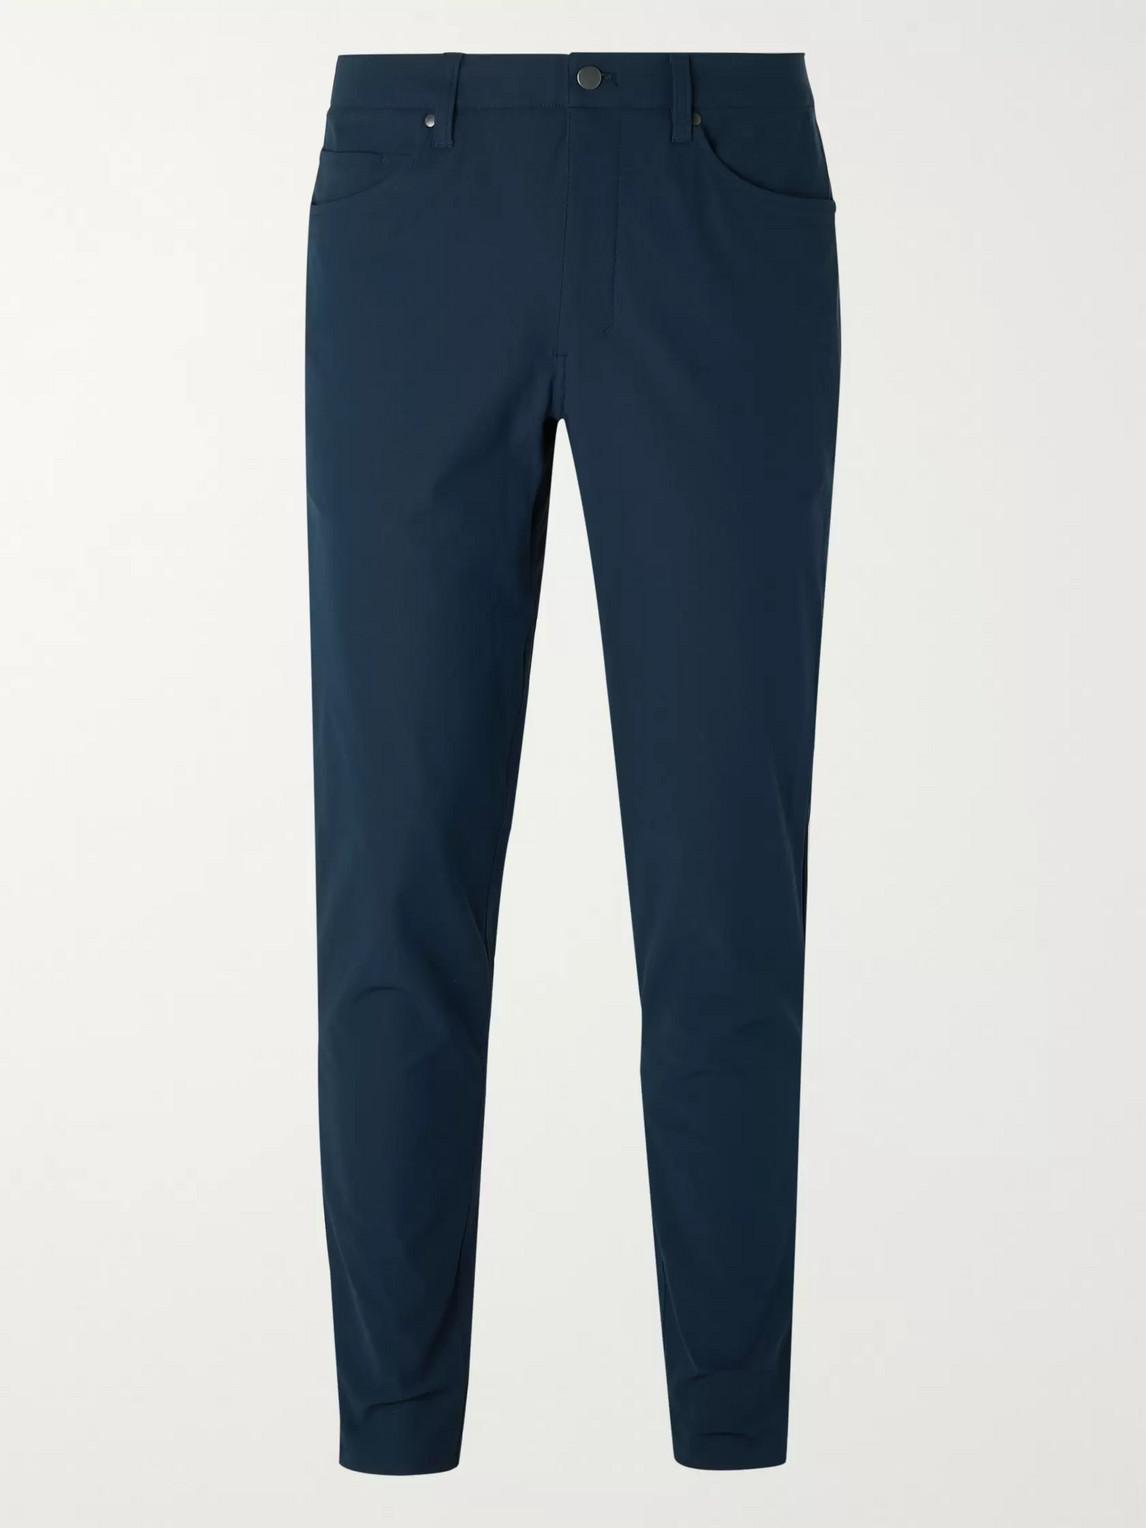 lululemon - abc slim-fit warpstreme trousers - men - blue